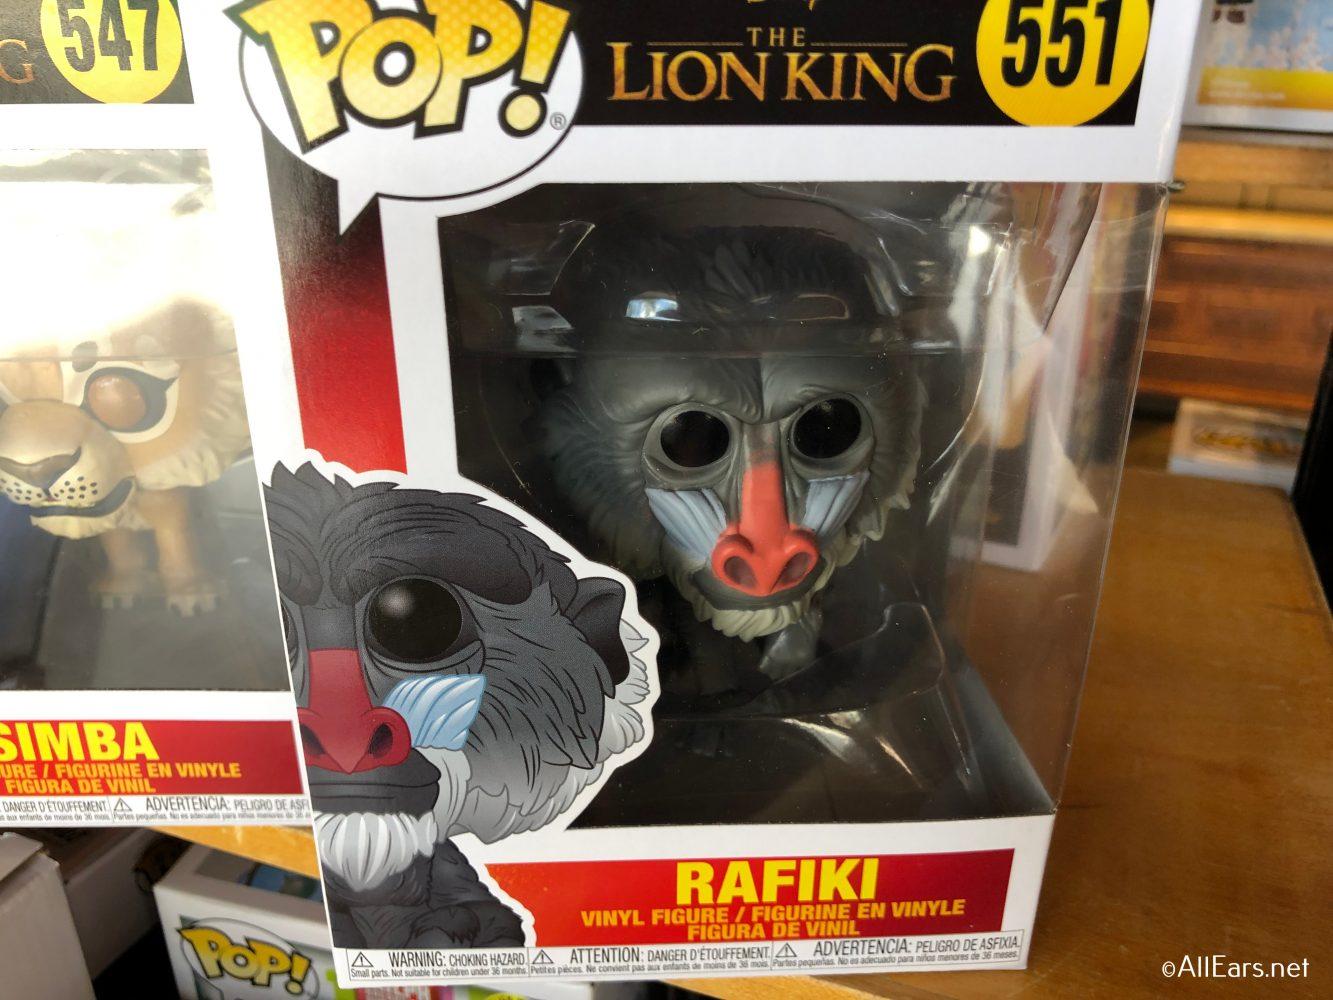 NEW! Lion King Funko POP! ROAR into Walt Disney World